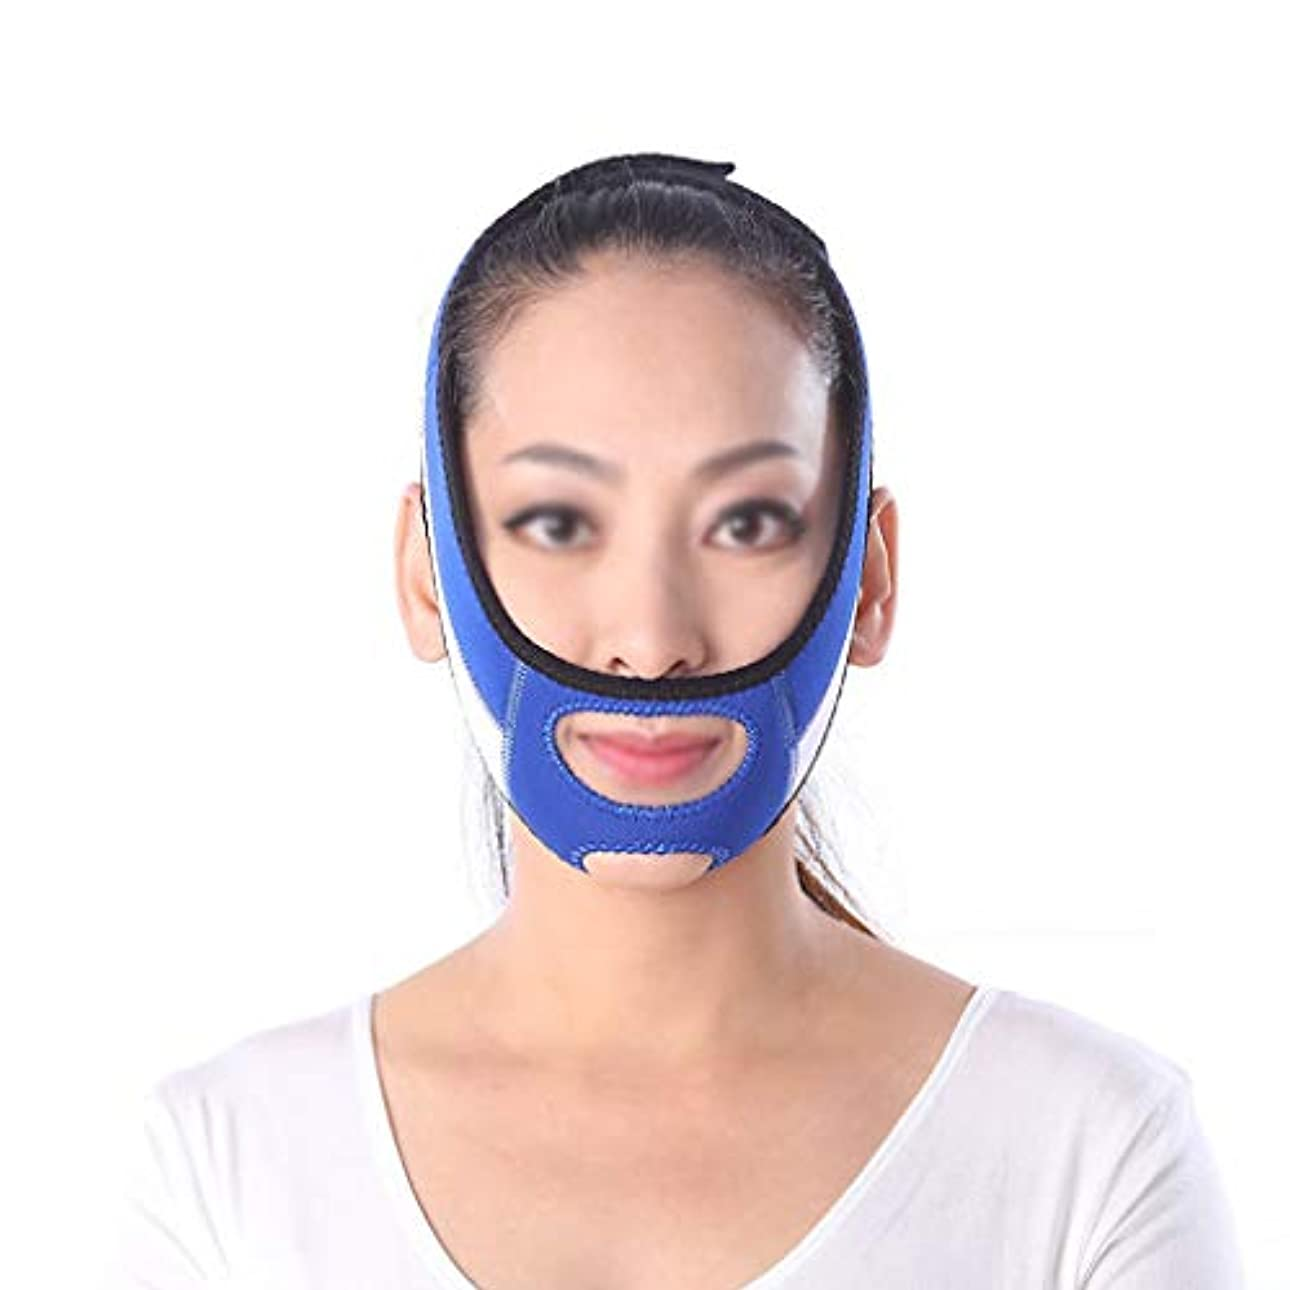 心理的暗い十億XHLMRMJ フェイスリフティング包帯、フェイスリフティングマスク、フェイスリフティング器具、二重あごケア減量、フェイシャルリフティングストラップ(フリーサイズ、ブルー)